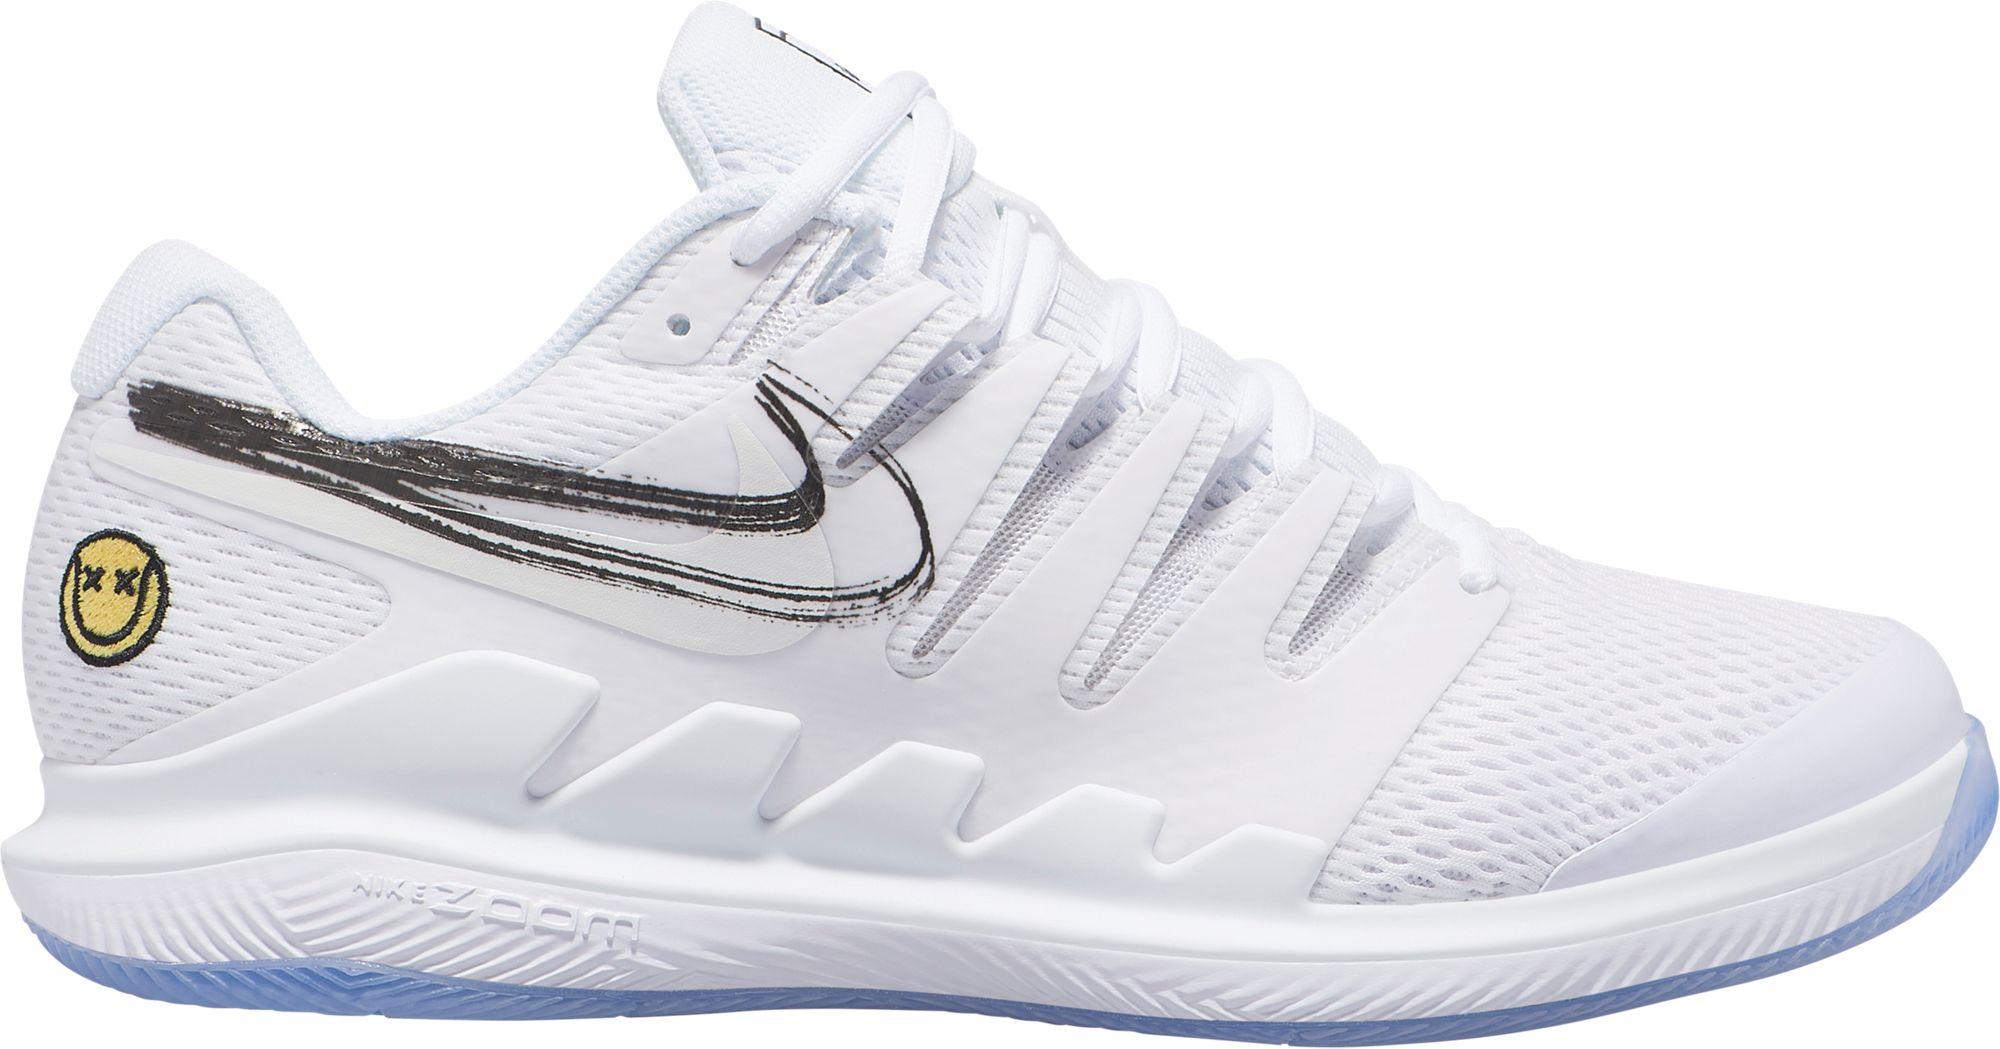 Air Zoom Vapor X Tennis Shoes - Walmart